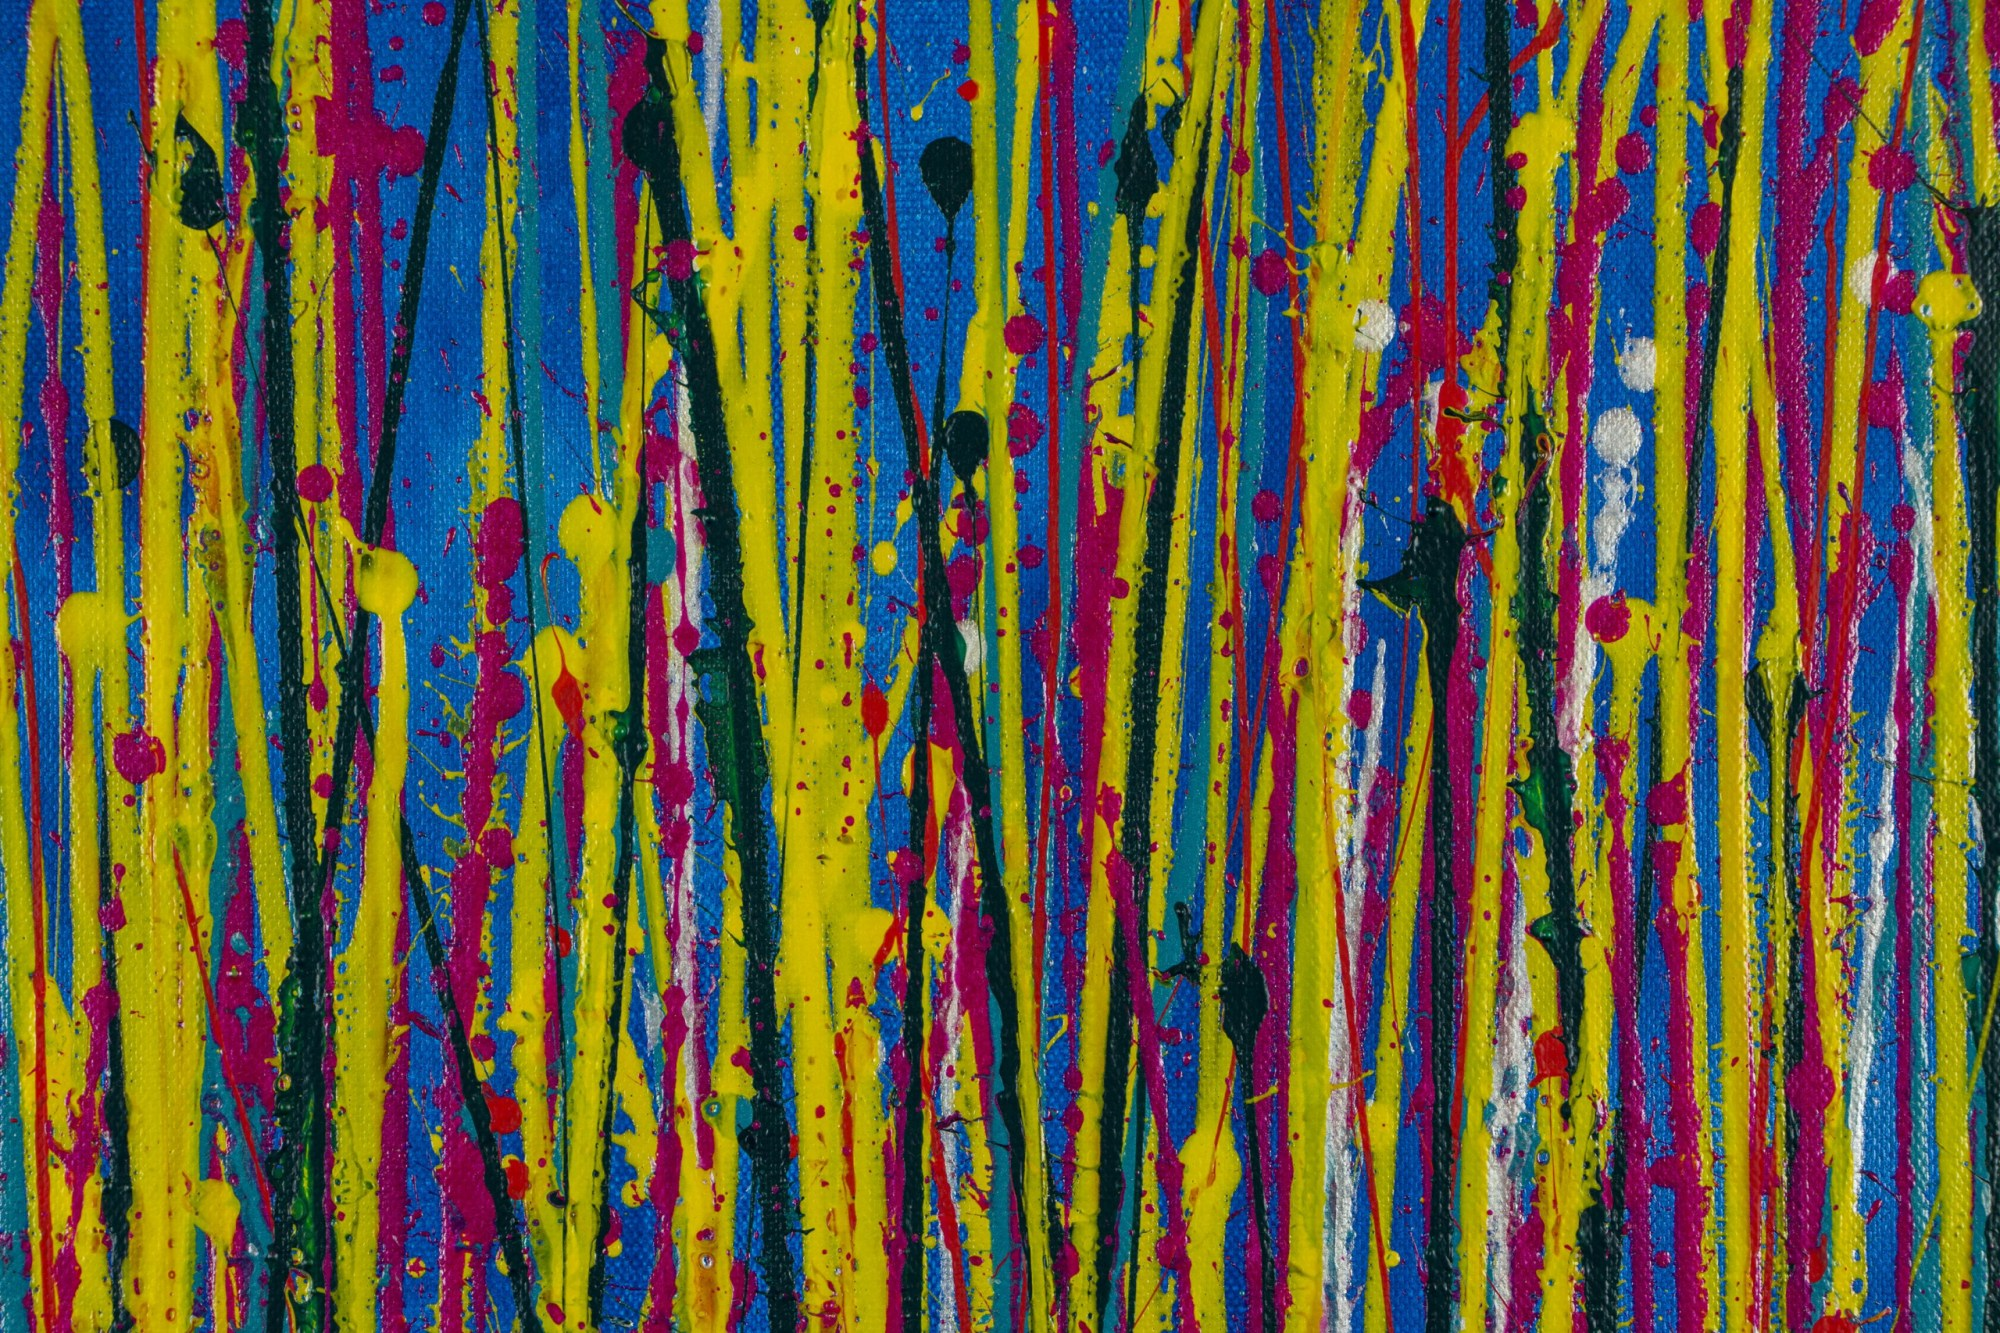 Detail - Daydream Panorama (Natures Imagery) 27 / 2021 / Artist Nestor Toro